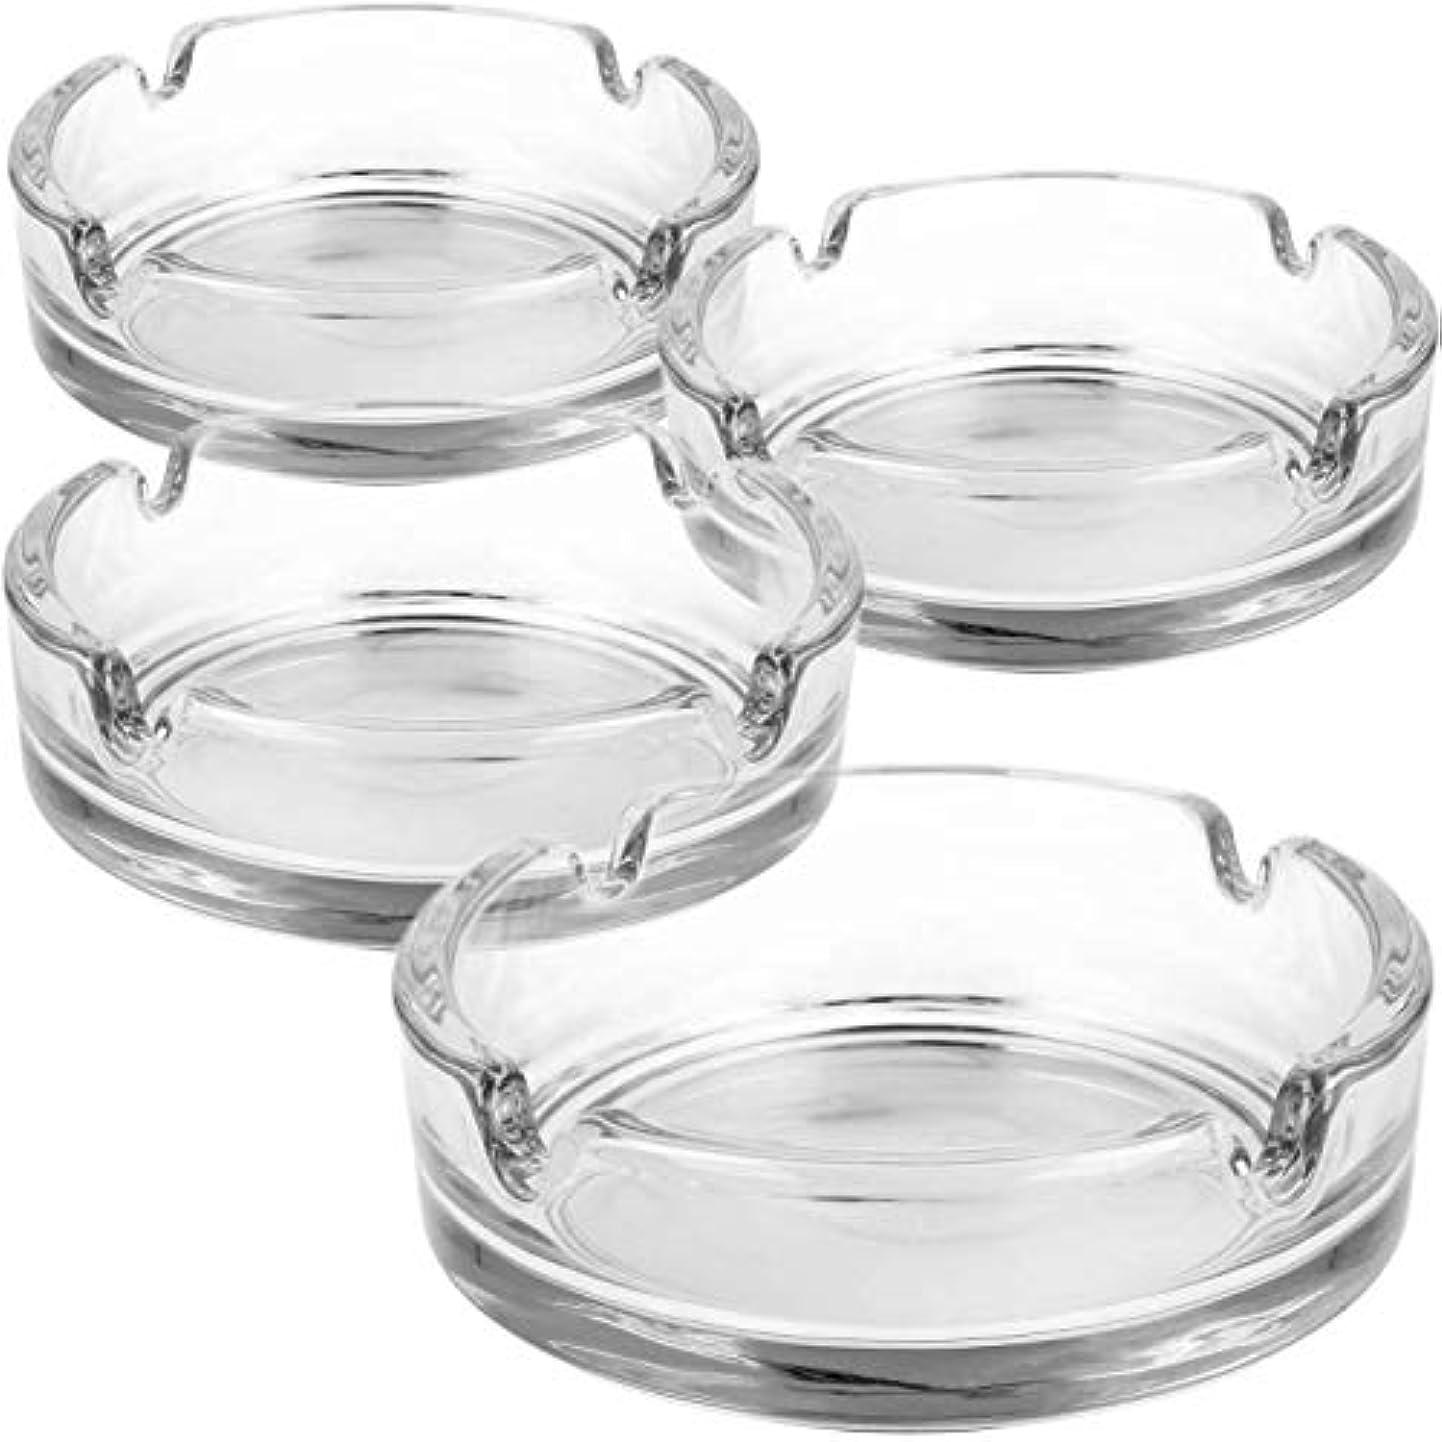 解体する失う思いやりのあるガラス製の4倍の灰皿 - タバコ用クリアガラスの灰皿 - プライベートと美食のための灰皿